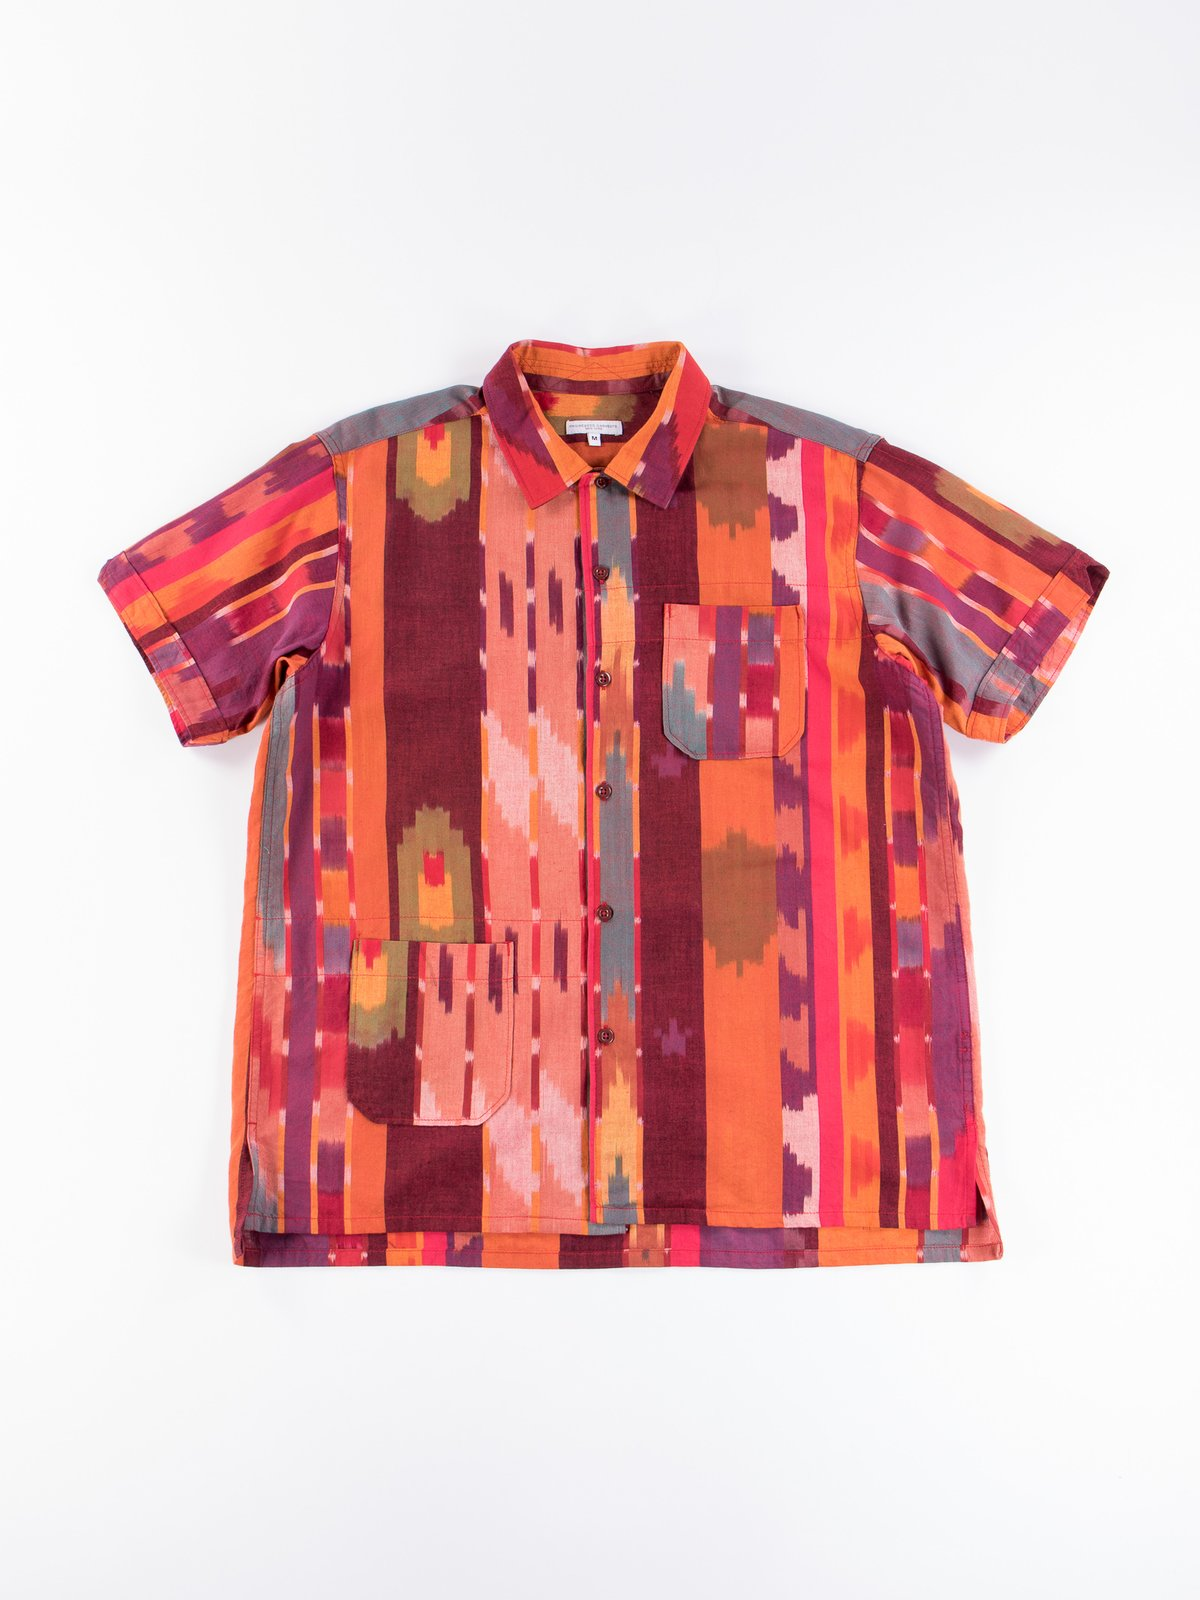 Red/Orange Cotton Ikat Camp Shirt - Image 1